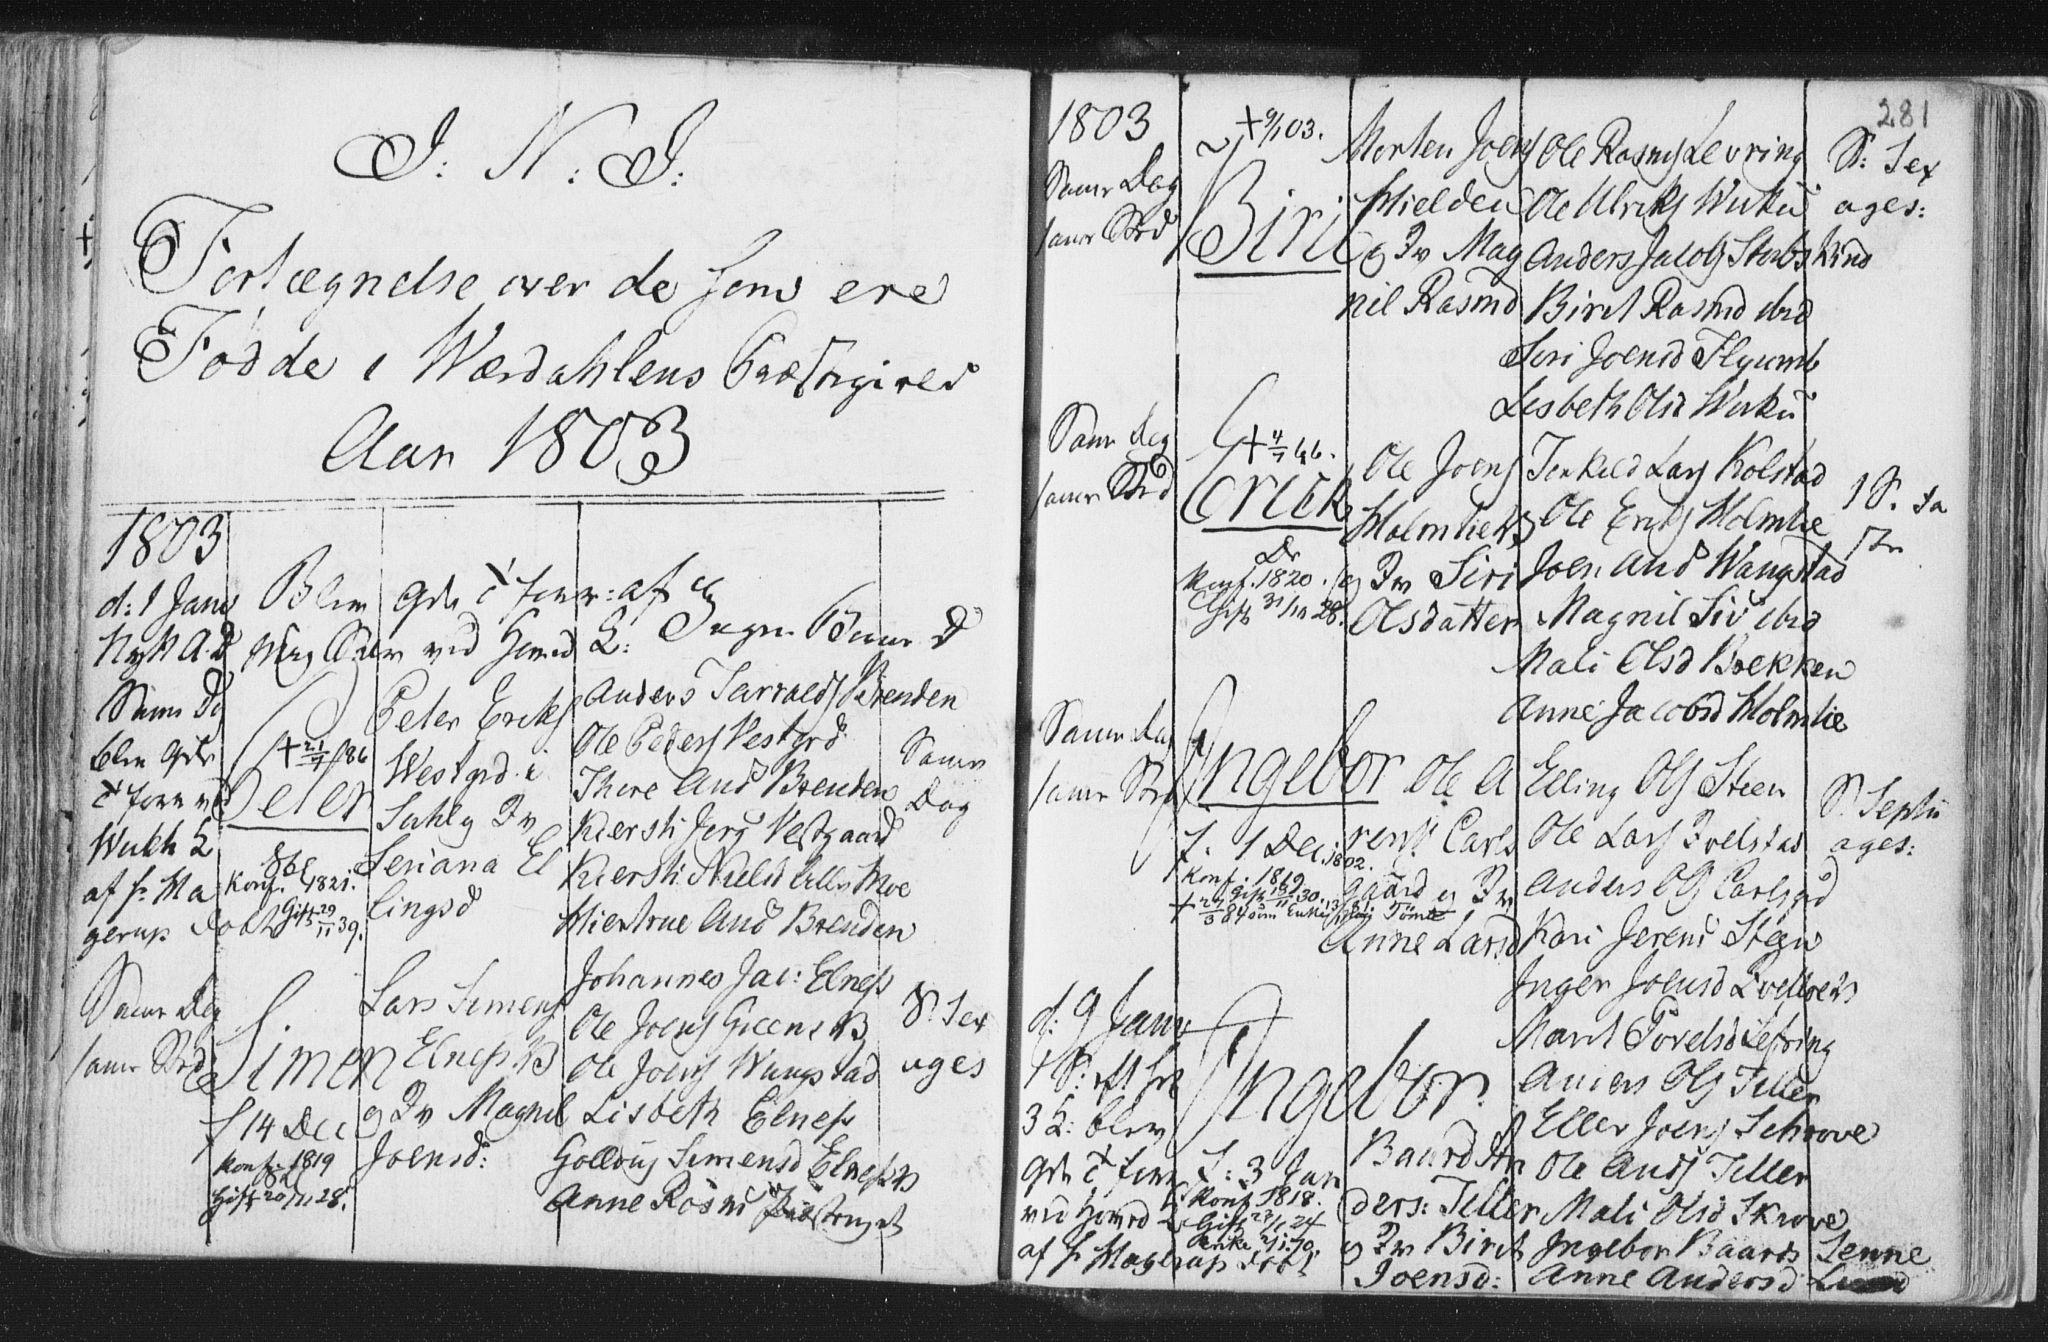 SAT, Ministerialprotokoller, klokkerbøker og fødselsregistre - Nord-Trøndelag, 723/L0232: Ministerialbok nr. 723A03, 1781-1804, s. 281